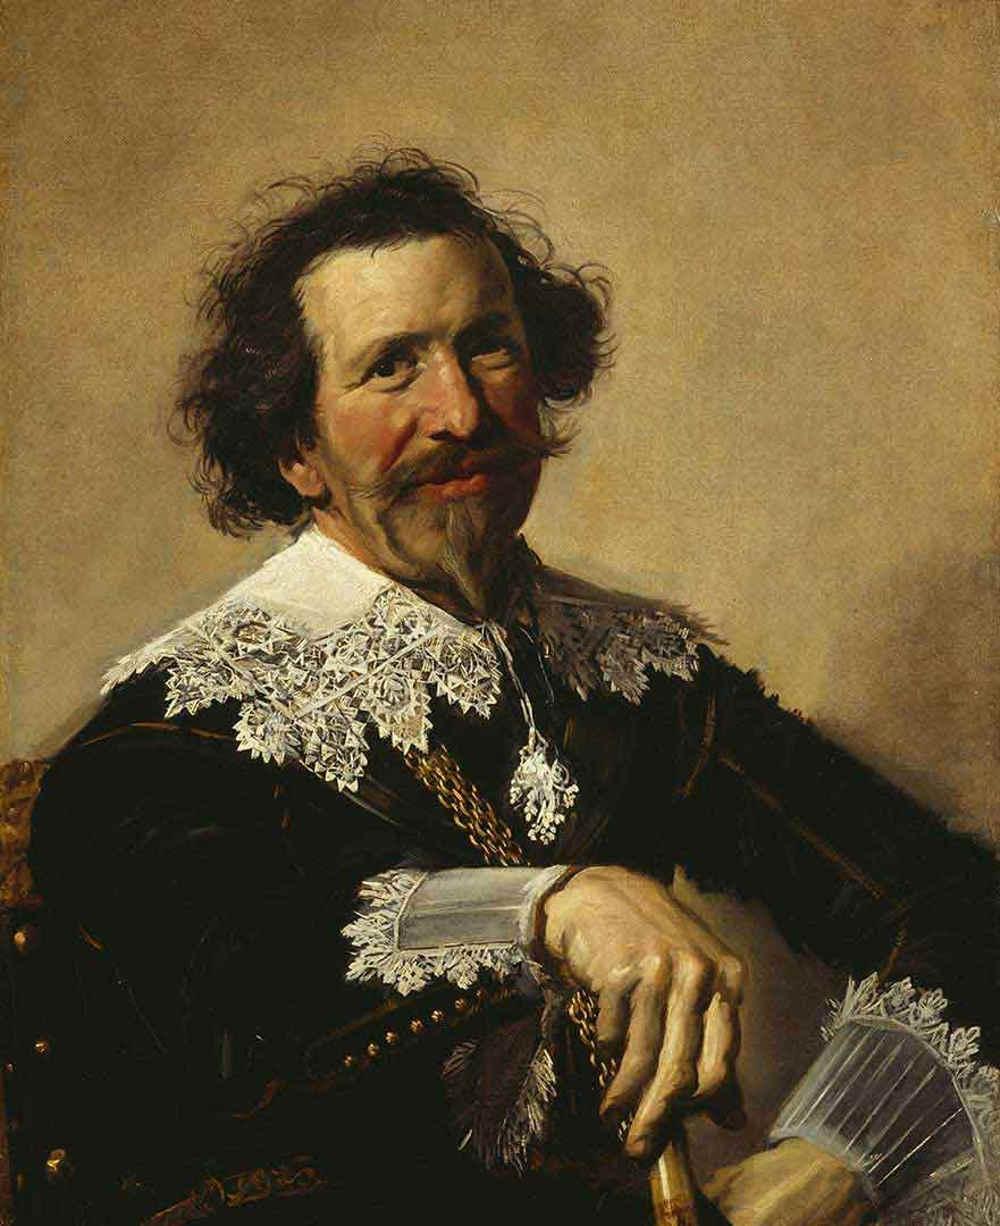 Pieter van den Broeke, Frans Hals, Kenwood House